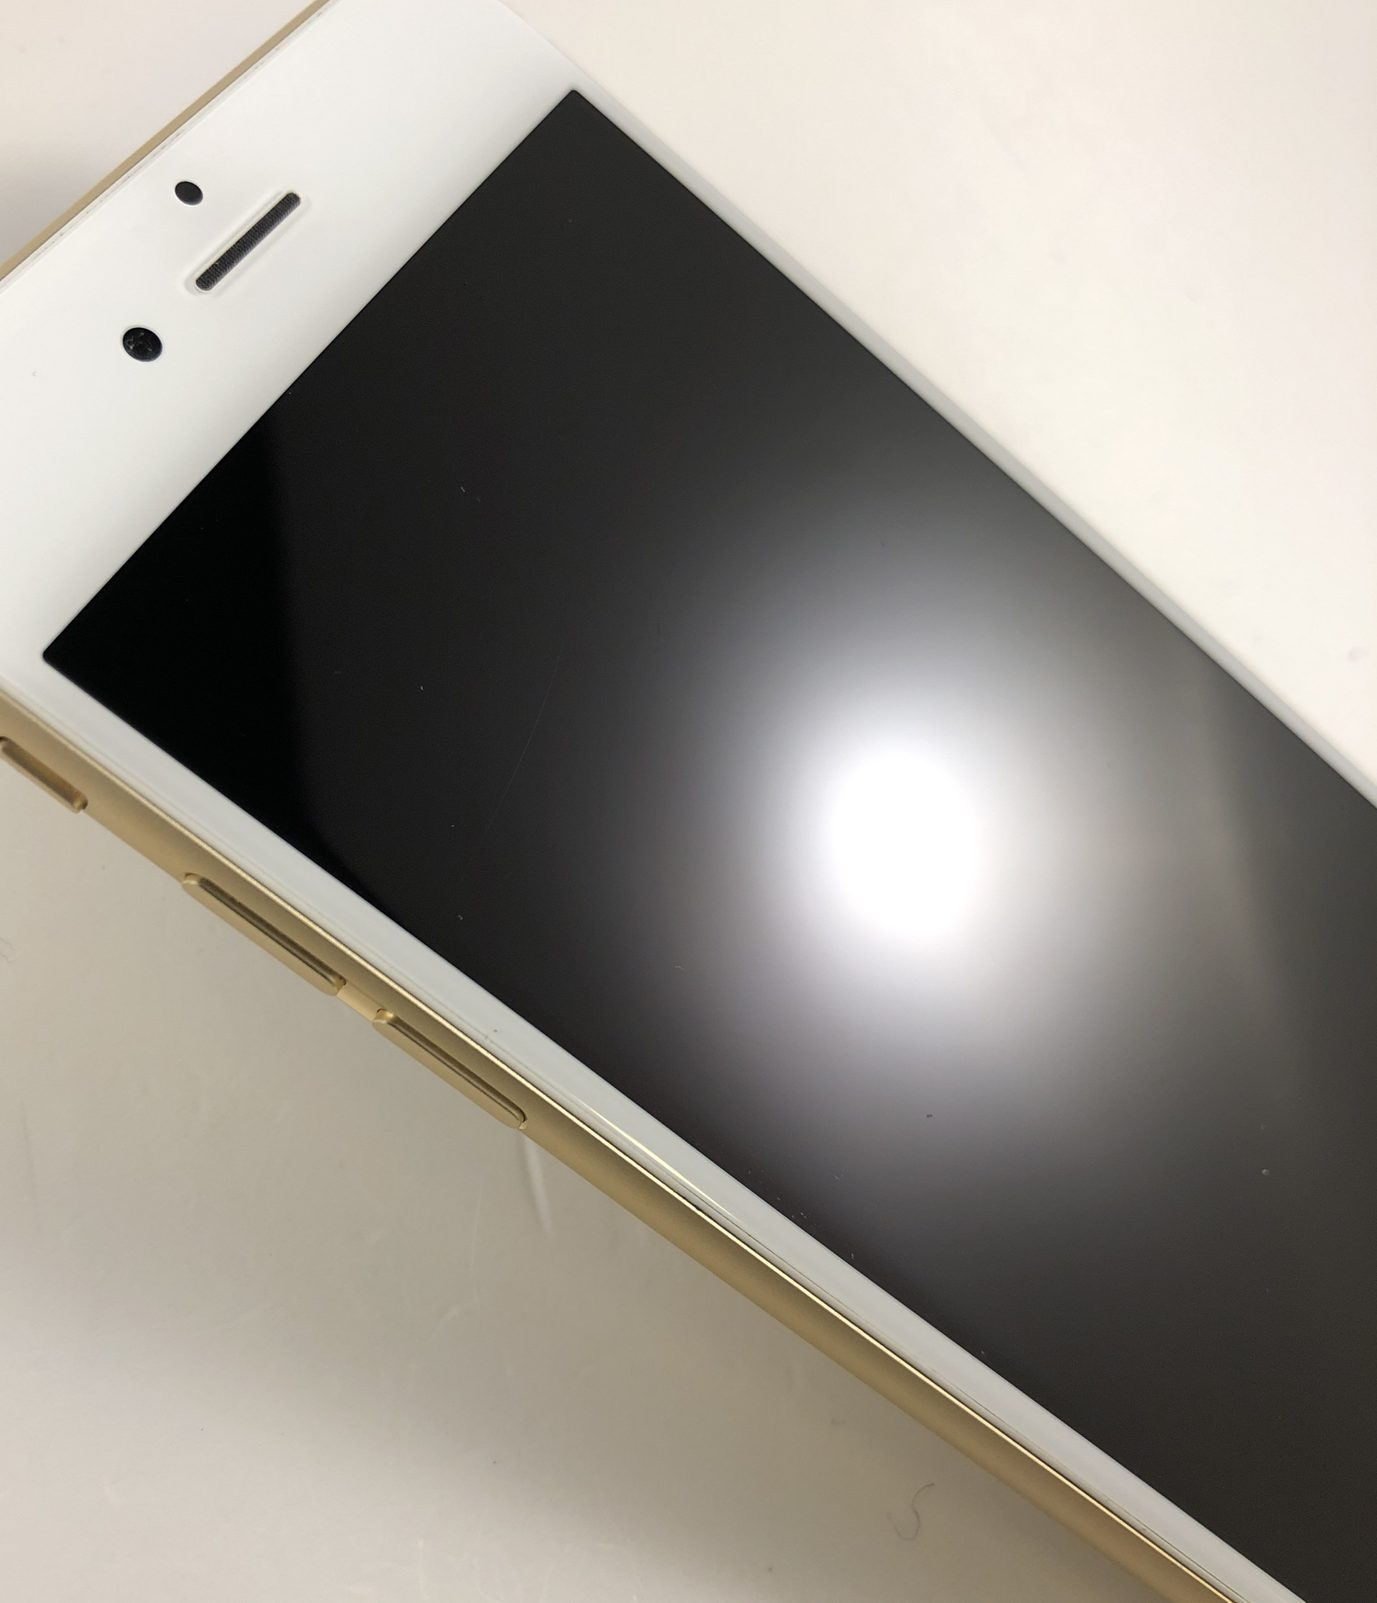 iPhone 6S 16GB, 16GB, Gold, bild 4